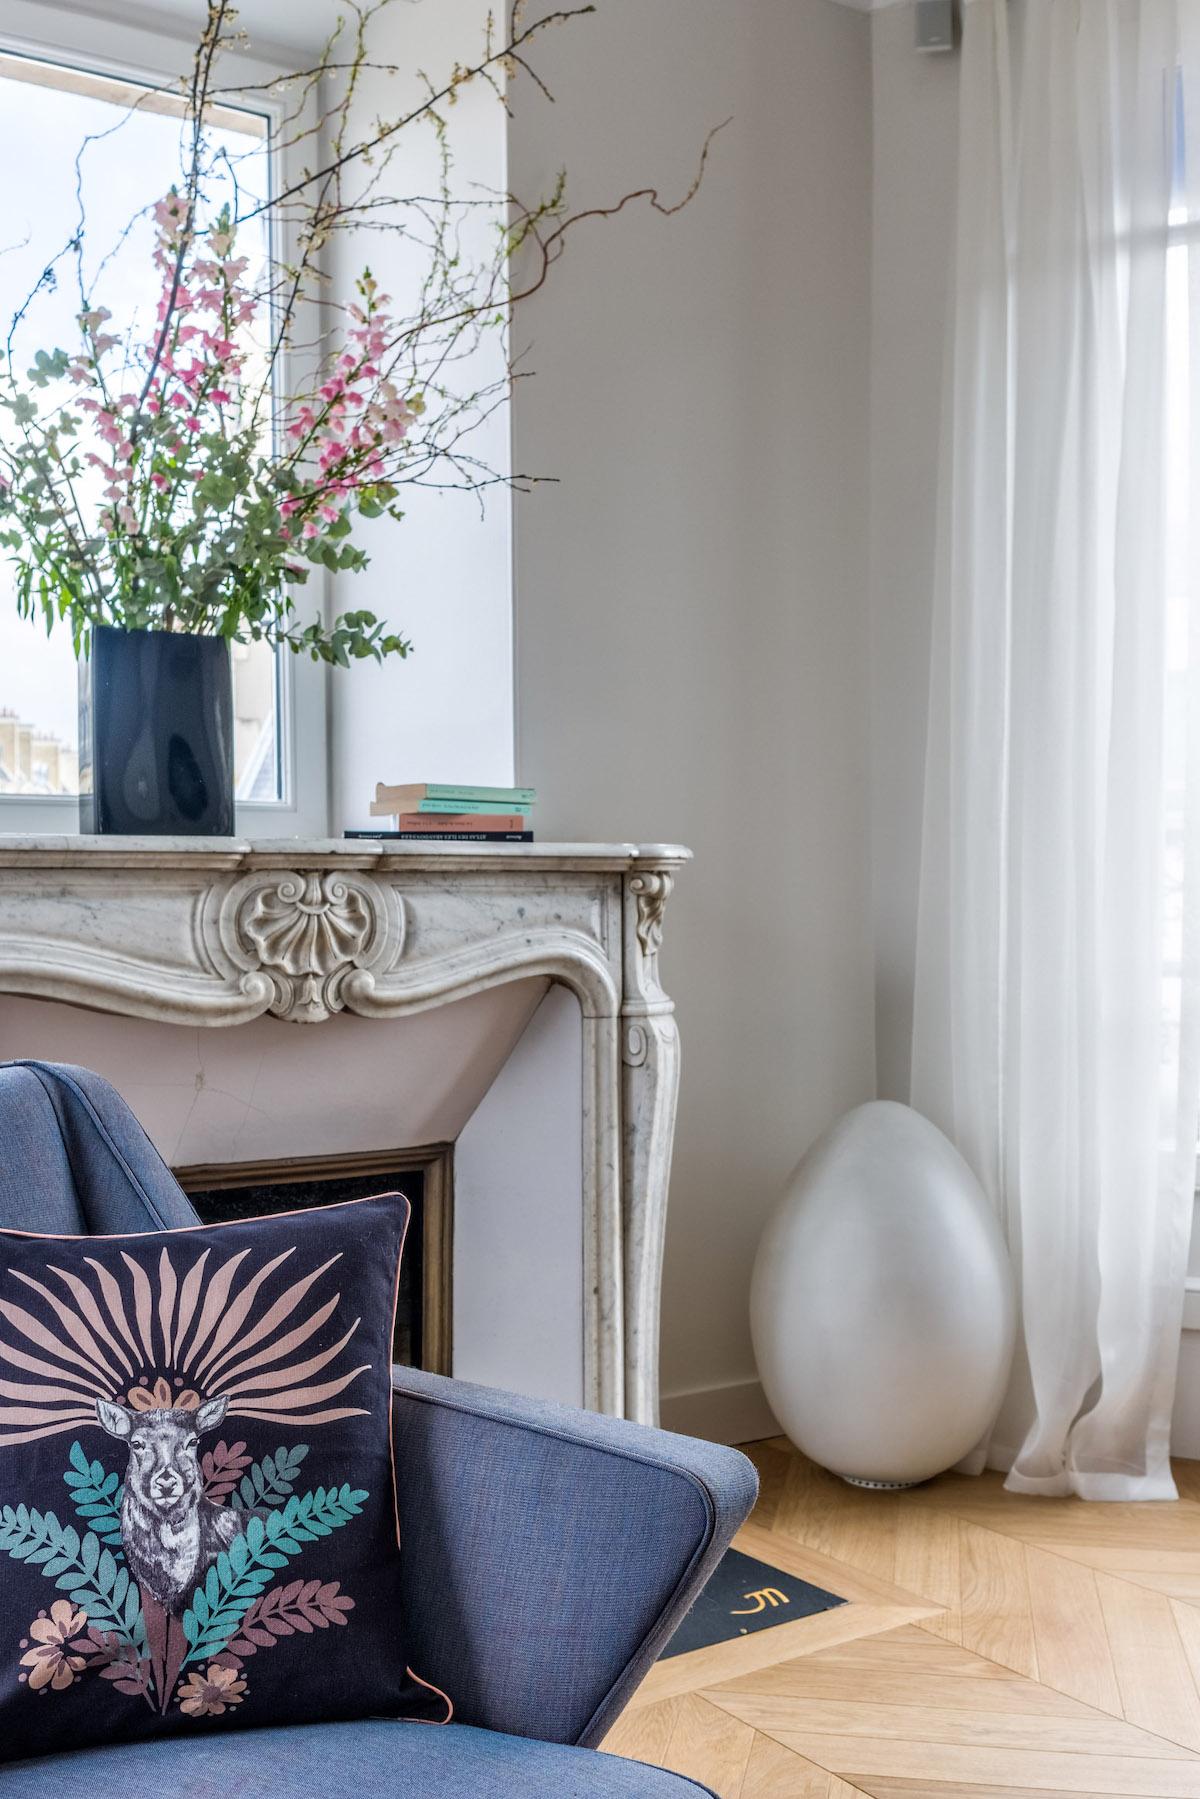 décoration bohème chic salon lumineux cheminée blanche fauteuil bleu style parisien - blog déco - clem around the corner